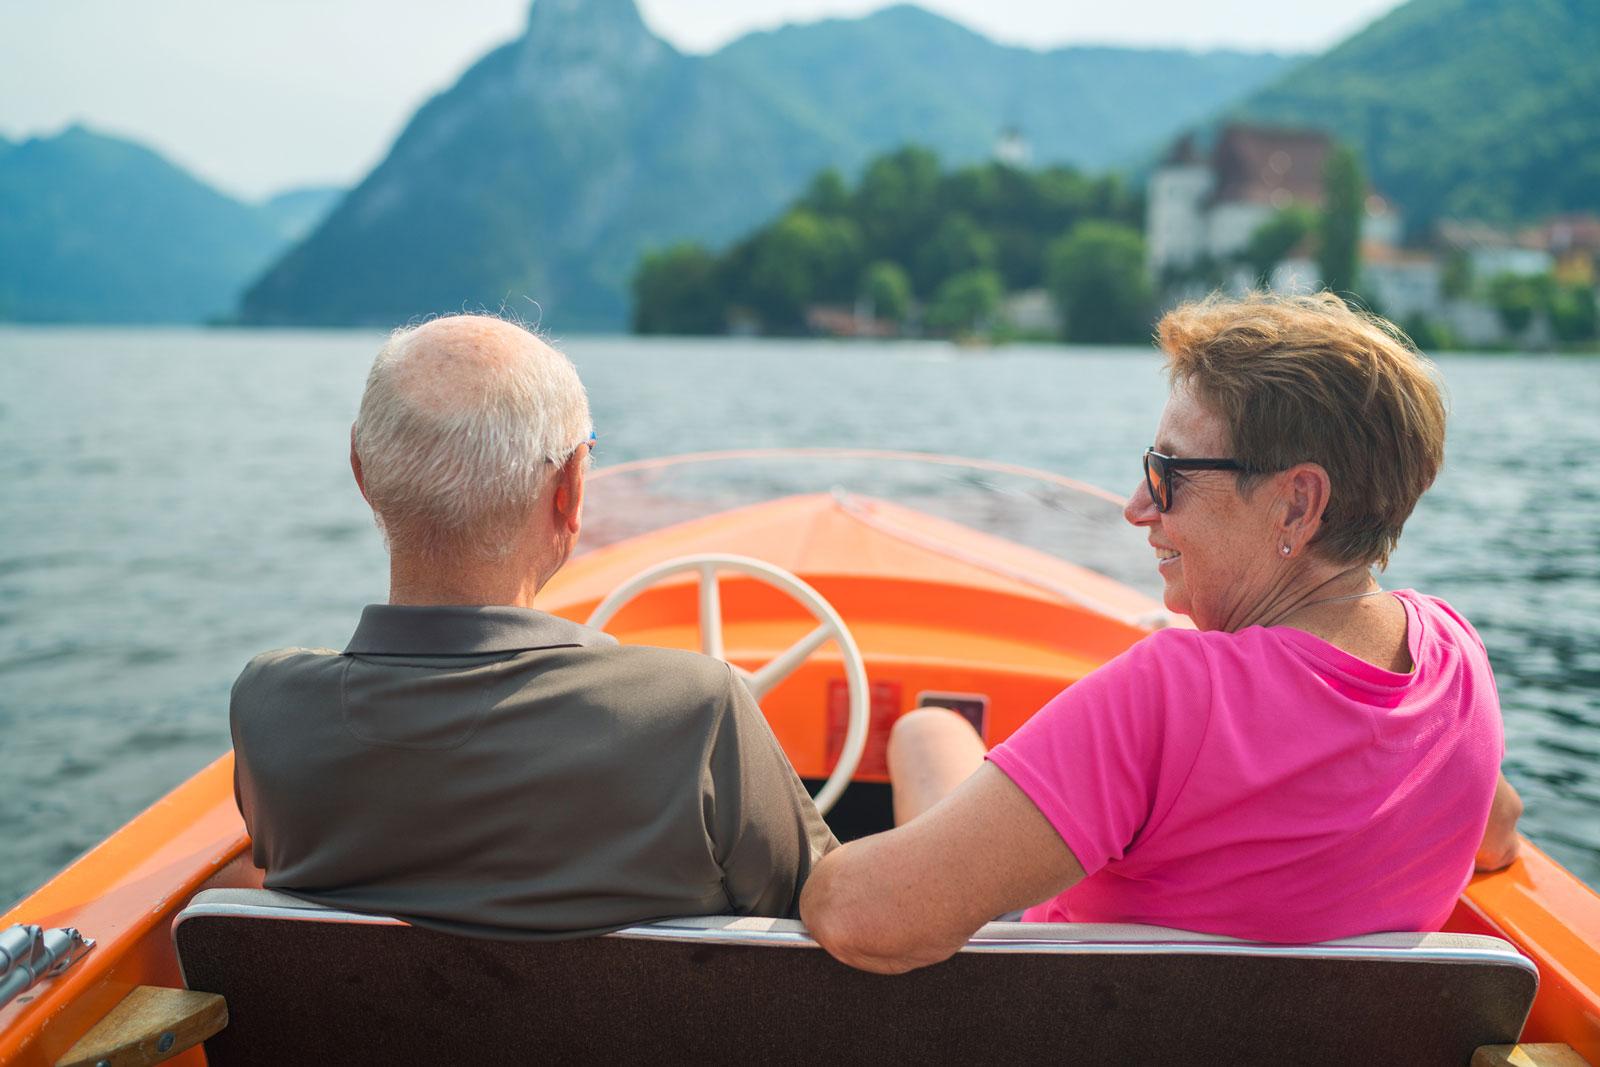 Demografieentwicklung: Finanzierunglücke im Pensionssystem wird größer.